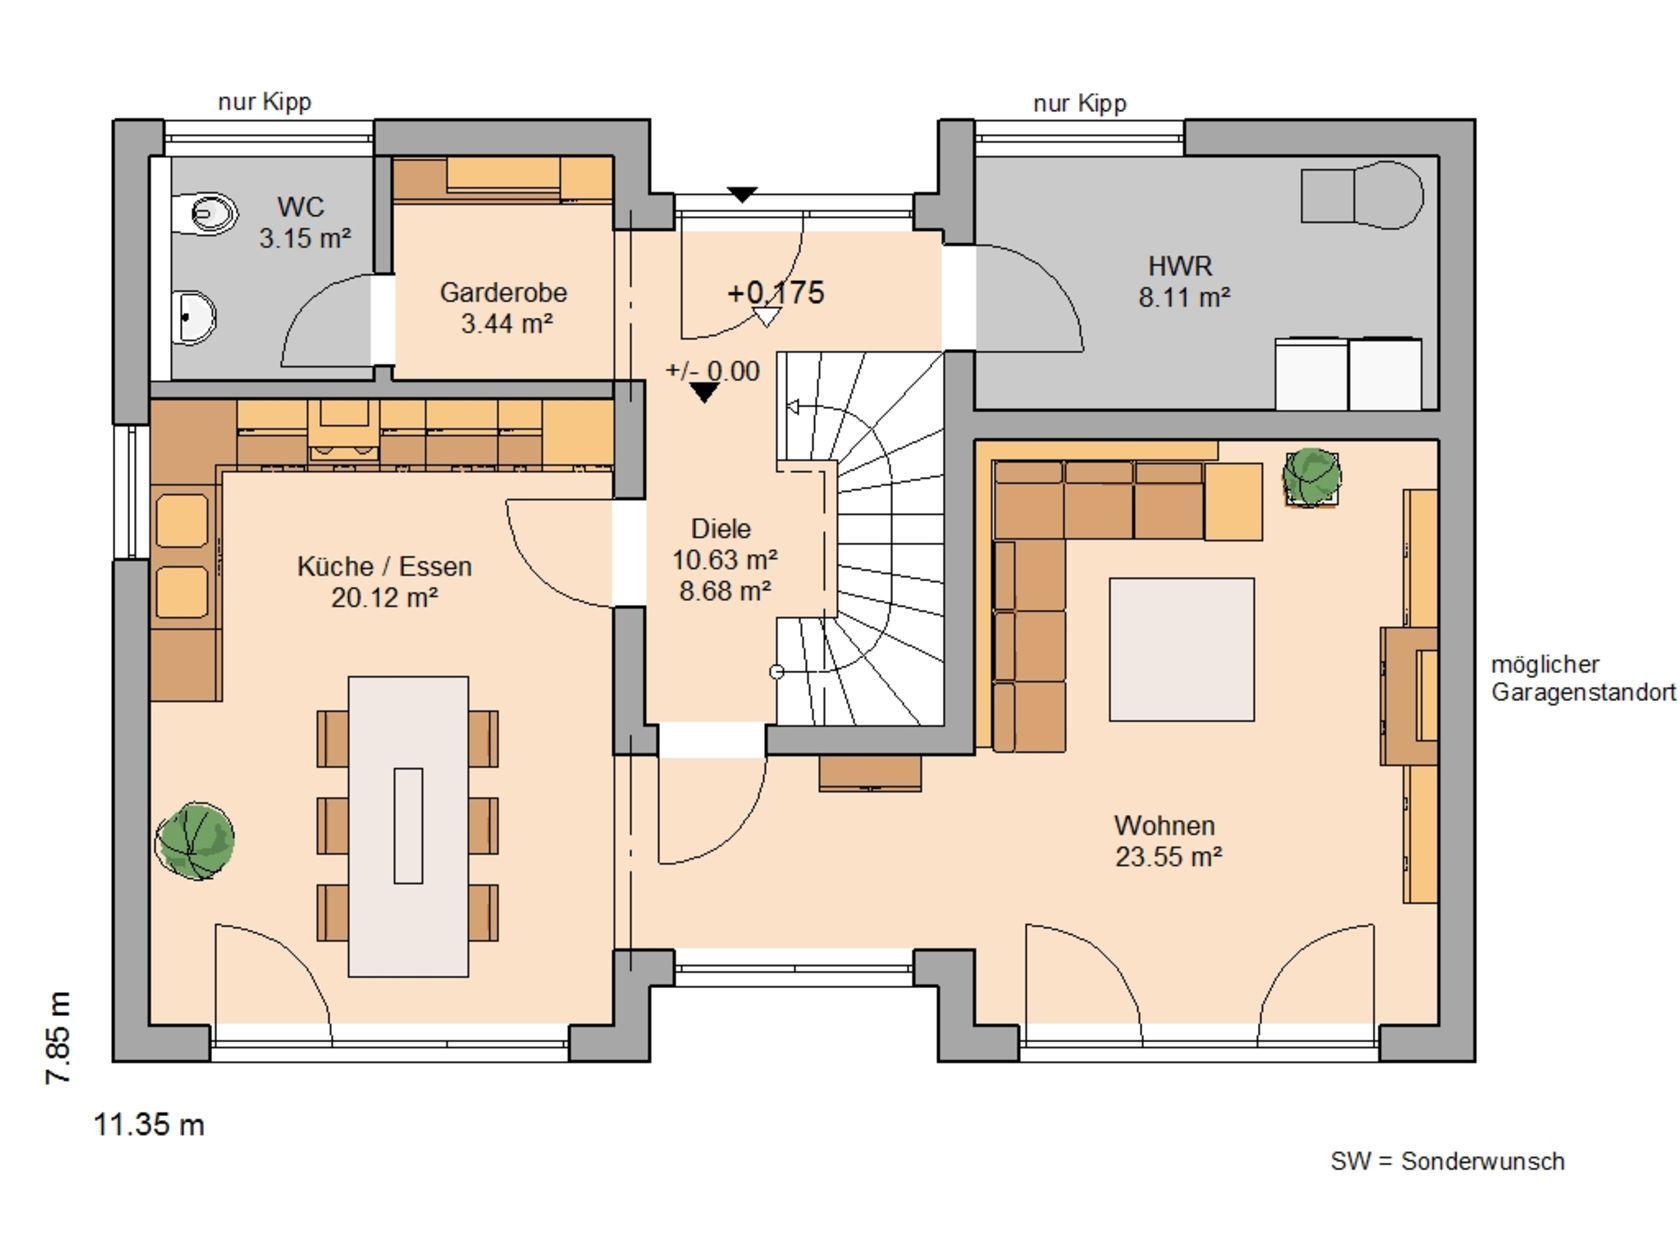 Geliebte Kern Haus Familienhaus Vio Grundriss Erdgeschoss | P L A N S House  KB16